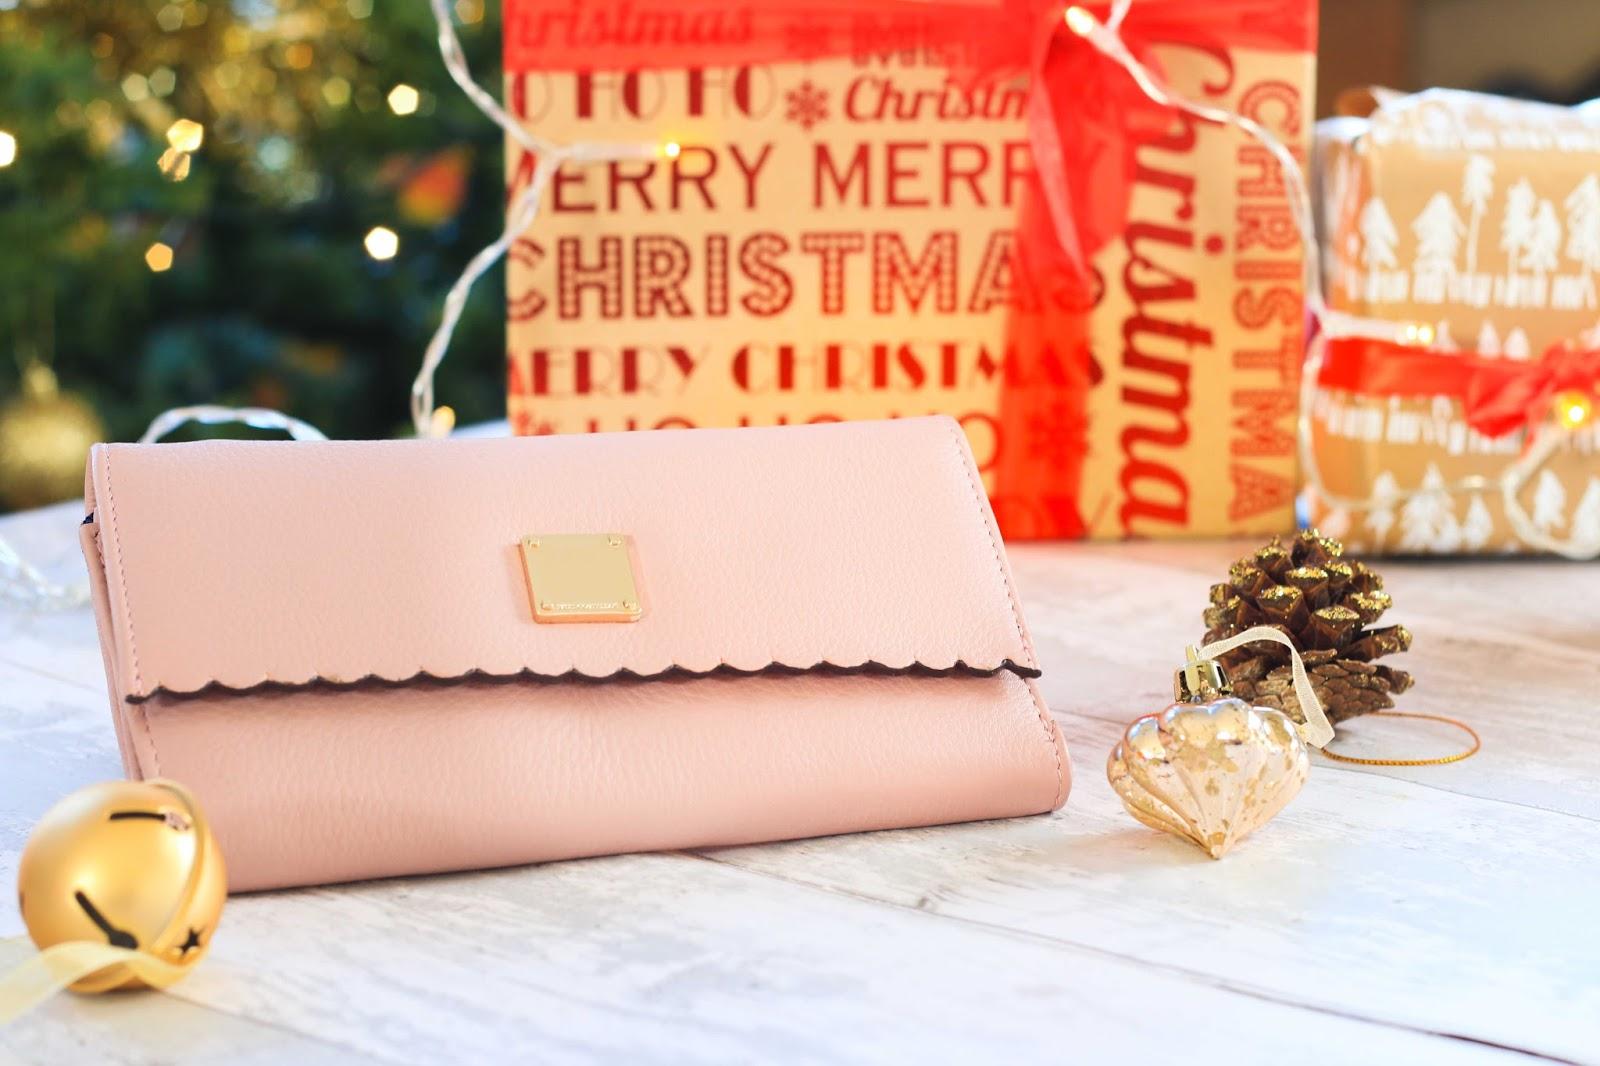 Christmas gift - purse